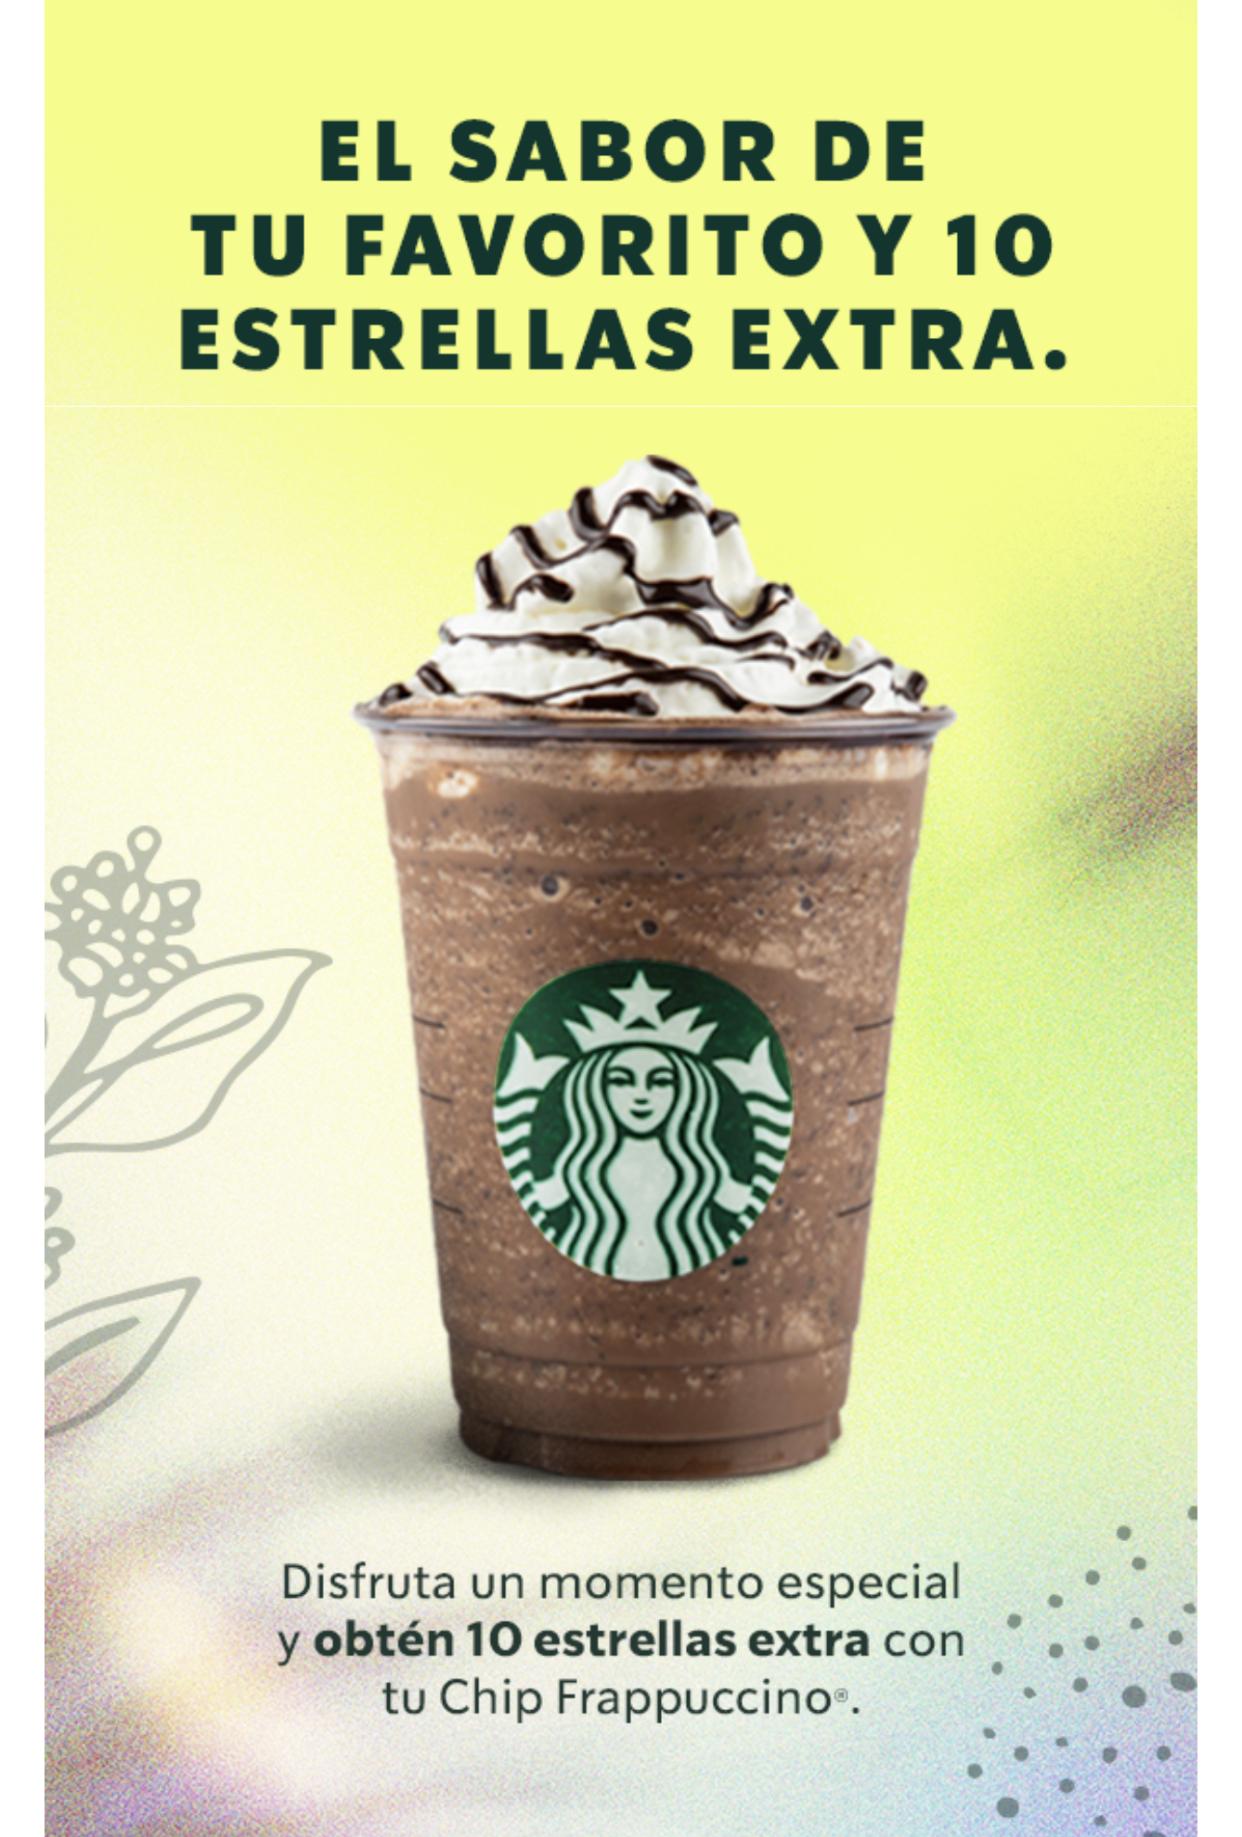 Starbucks: Es hora de un Chip Frappuccino® El sabor de tu favorito y 10 estrellas extra